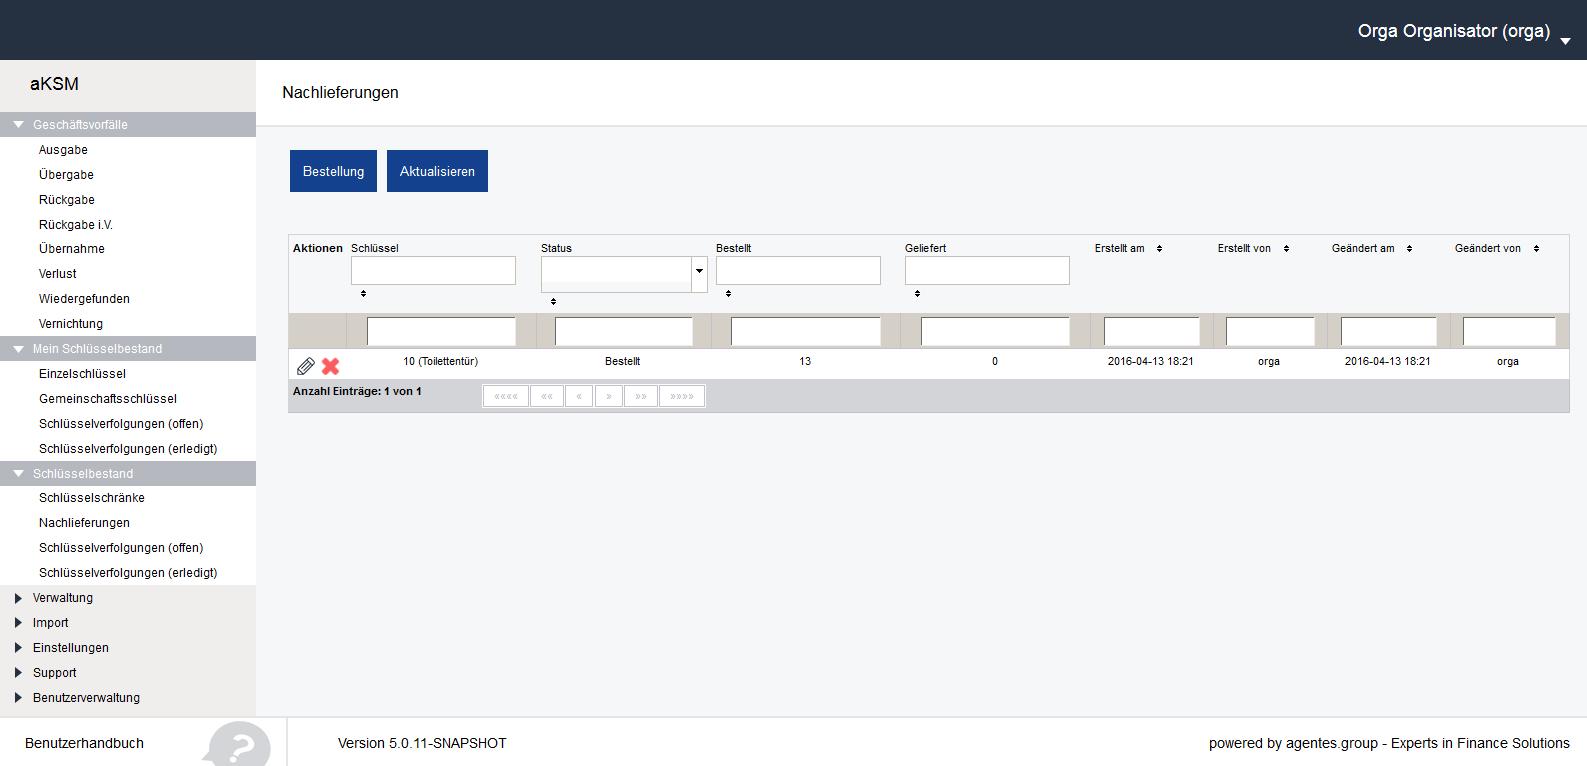 aKSM Screenshot 014 Schlüsselbestand Nachlieferungen Bestellungen